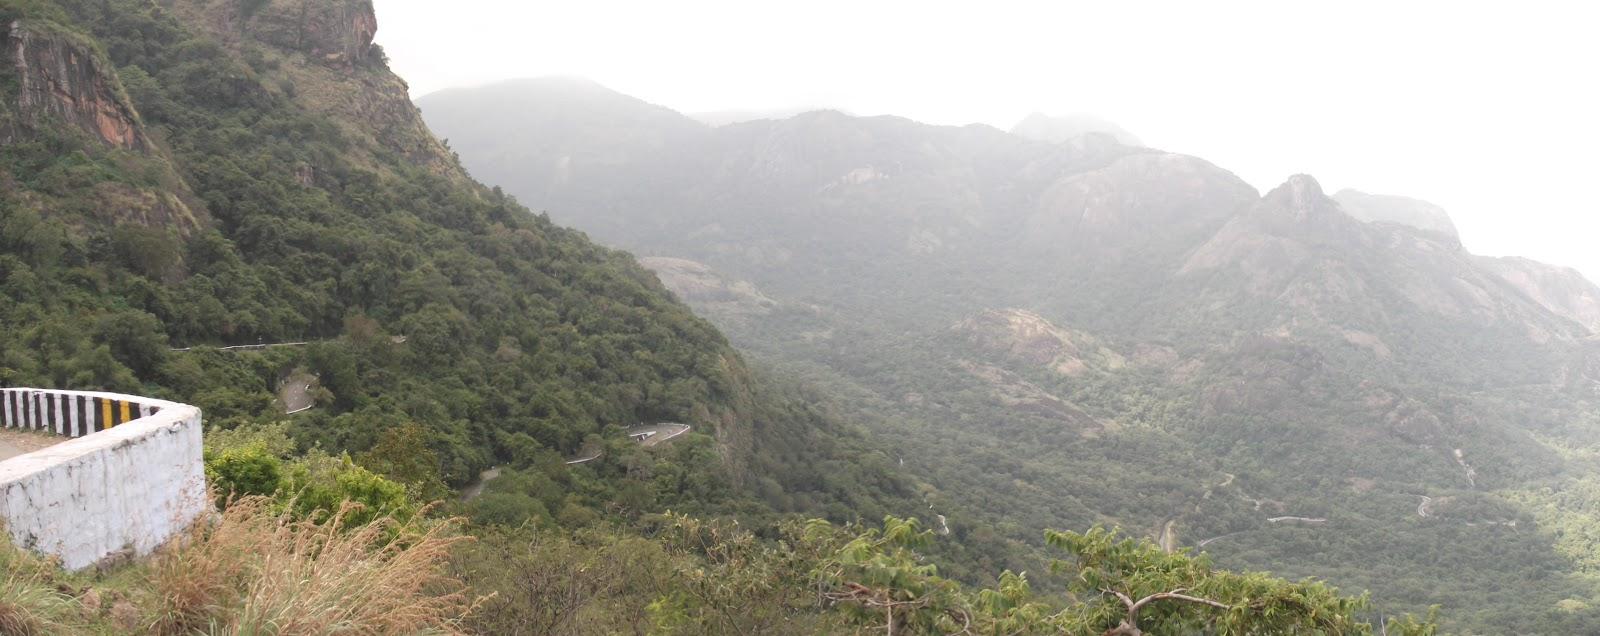 aliyar dam to valparai - photo #18